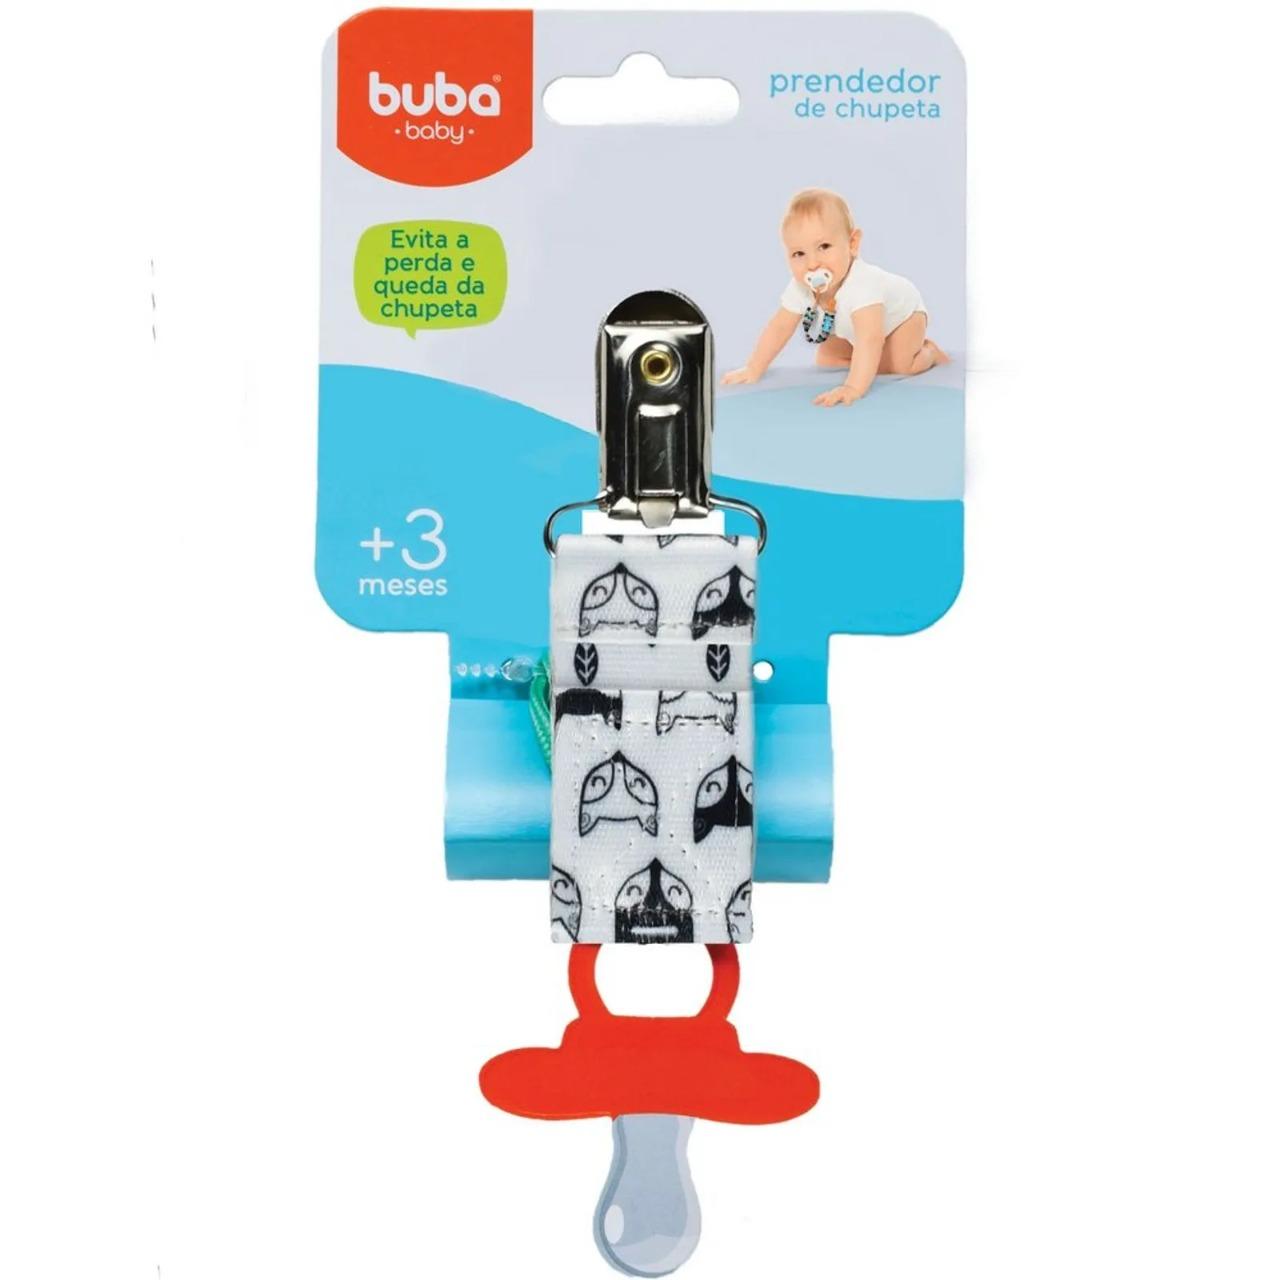 Prendedor de Chupeta Raposinha Buba Baby Ref 10670